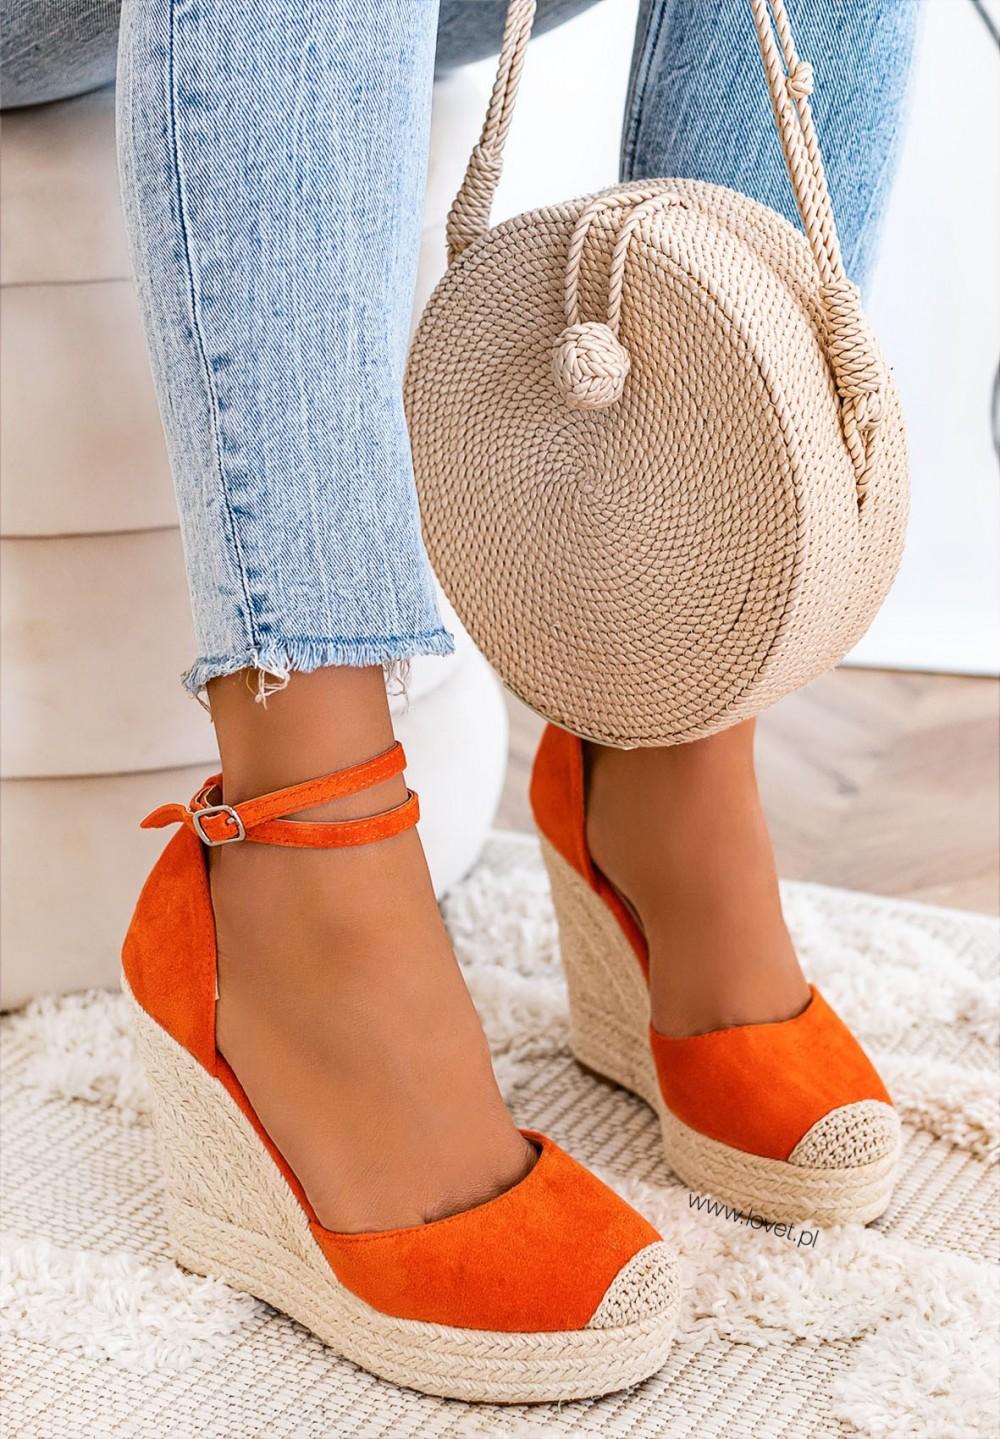 Sandały Espadryle na Koturnie Pomarańczowe Dayane